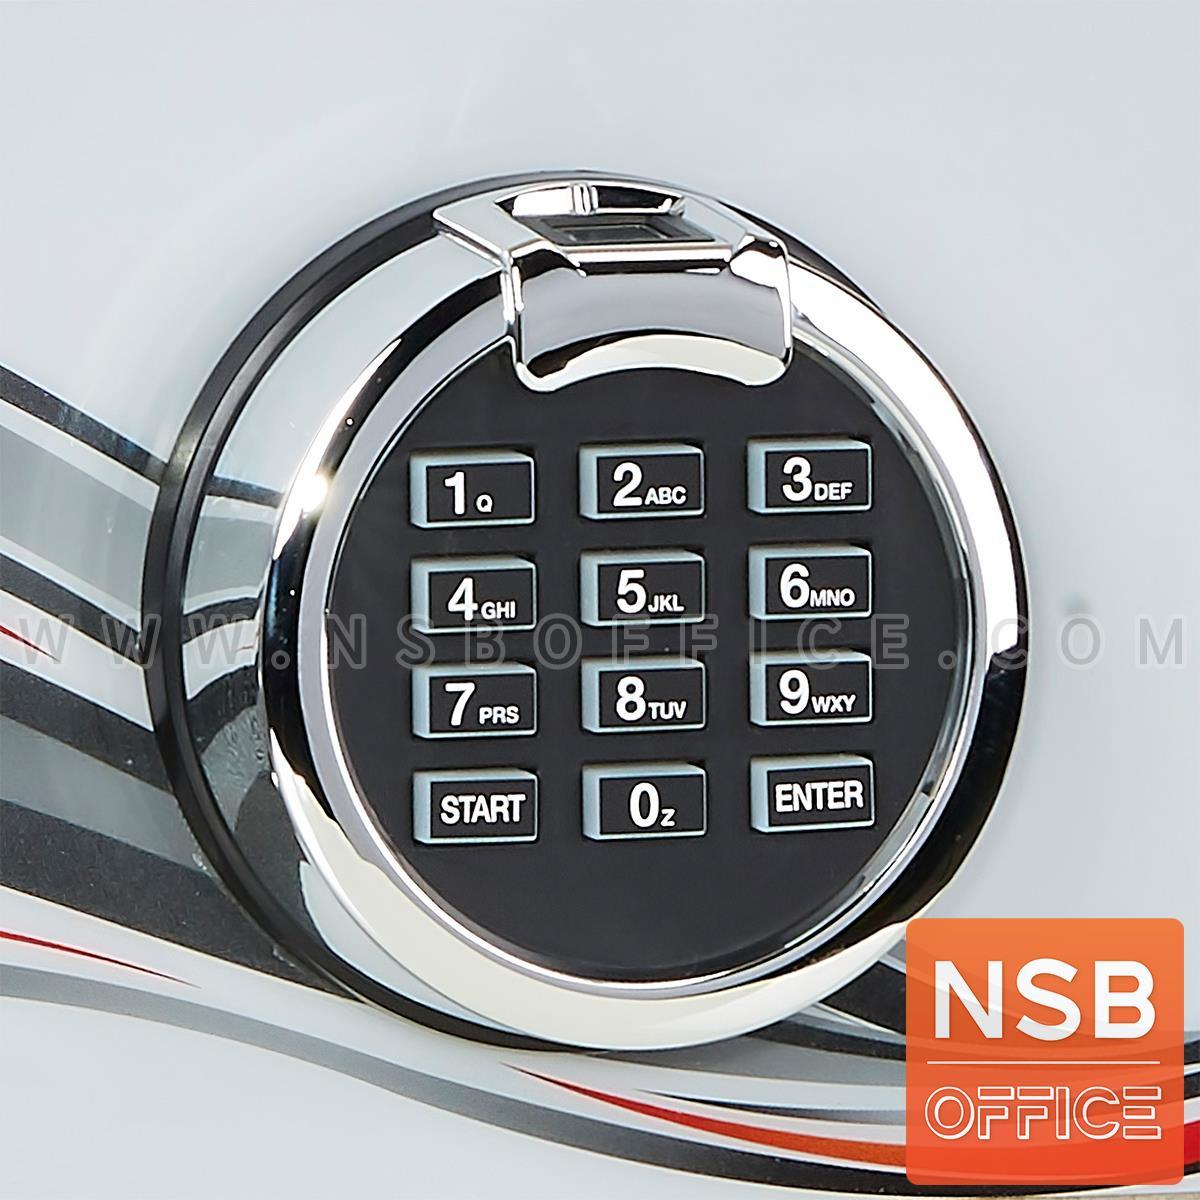 ตู้เซฟนิรภัยดิจิตอลระบบสแกนนิ้วมือ 105 กก.  รุ่น PRESIDENT-SMDF 1 กุญแจ 1 รหัส